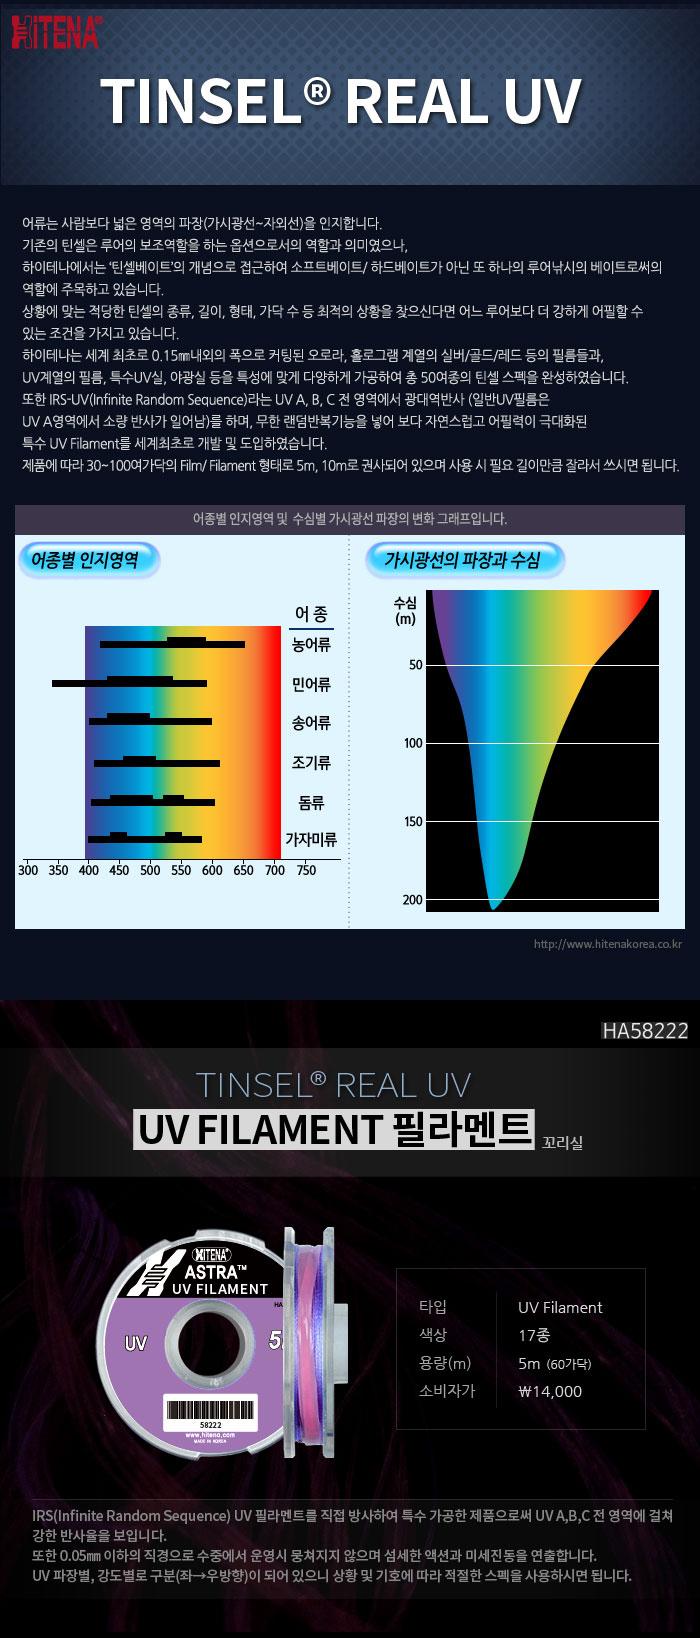 하이테나 틴셀리얼 UV 필라멘트 5m (HA58222) 훅튜닝 바늘튜닝 지깅 파핑 지깅낚시 파핑낚시 부시리지깅